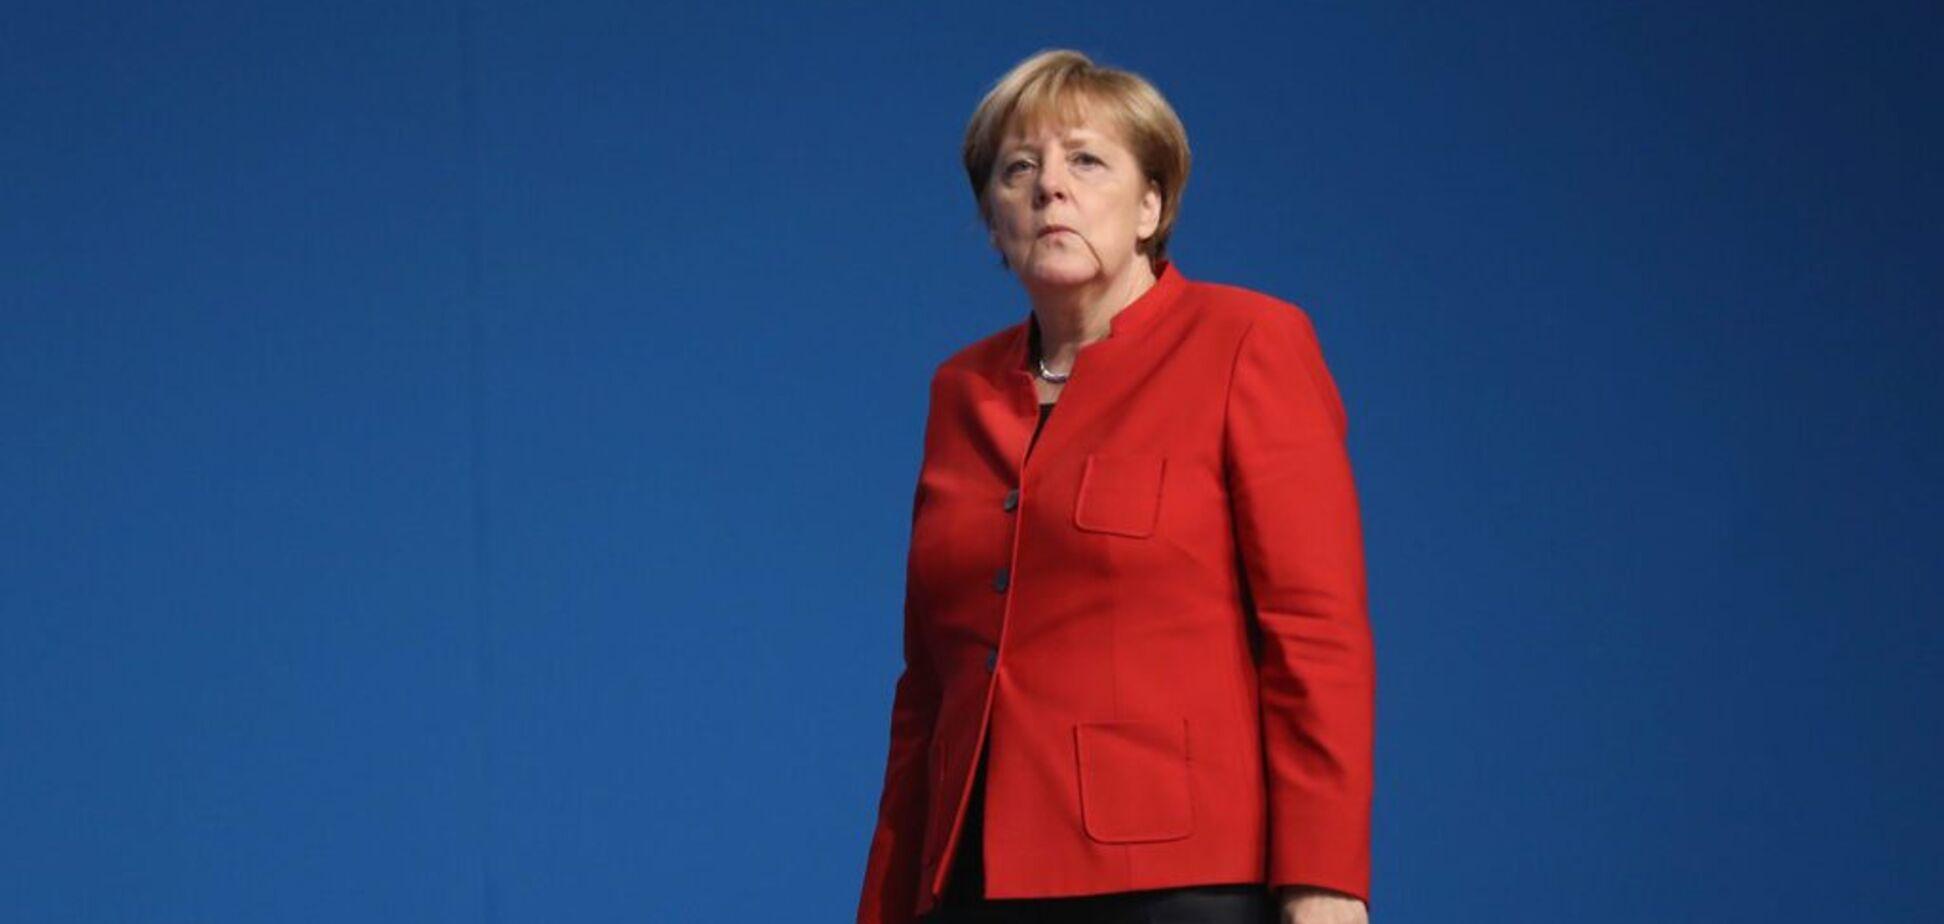 Меркель затрясло перед камерами: врач объяснила судороги на встрече с Зеленским